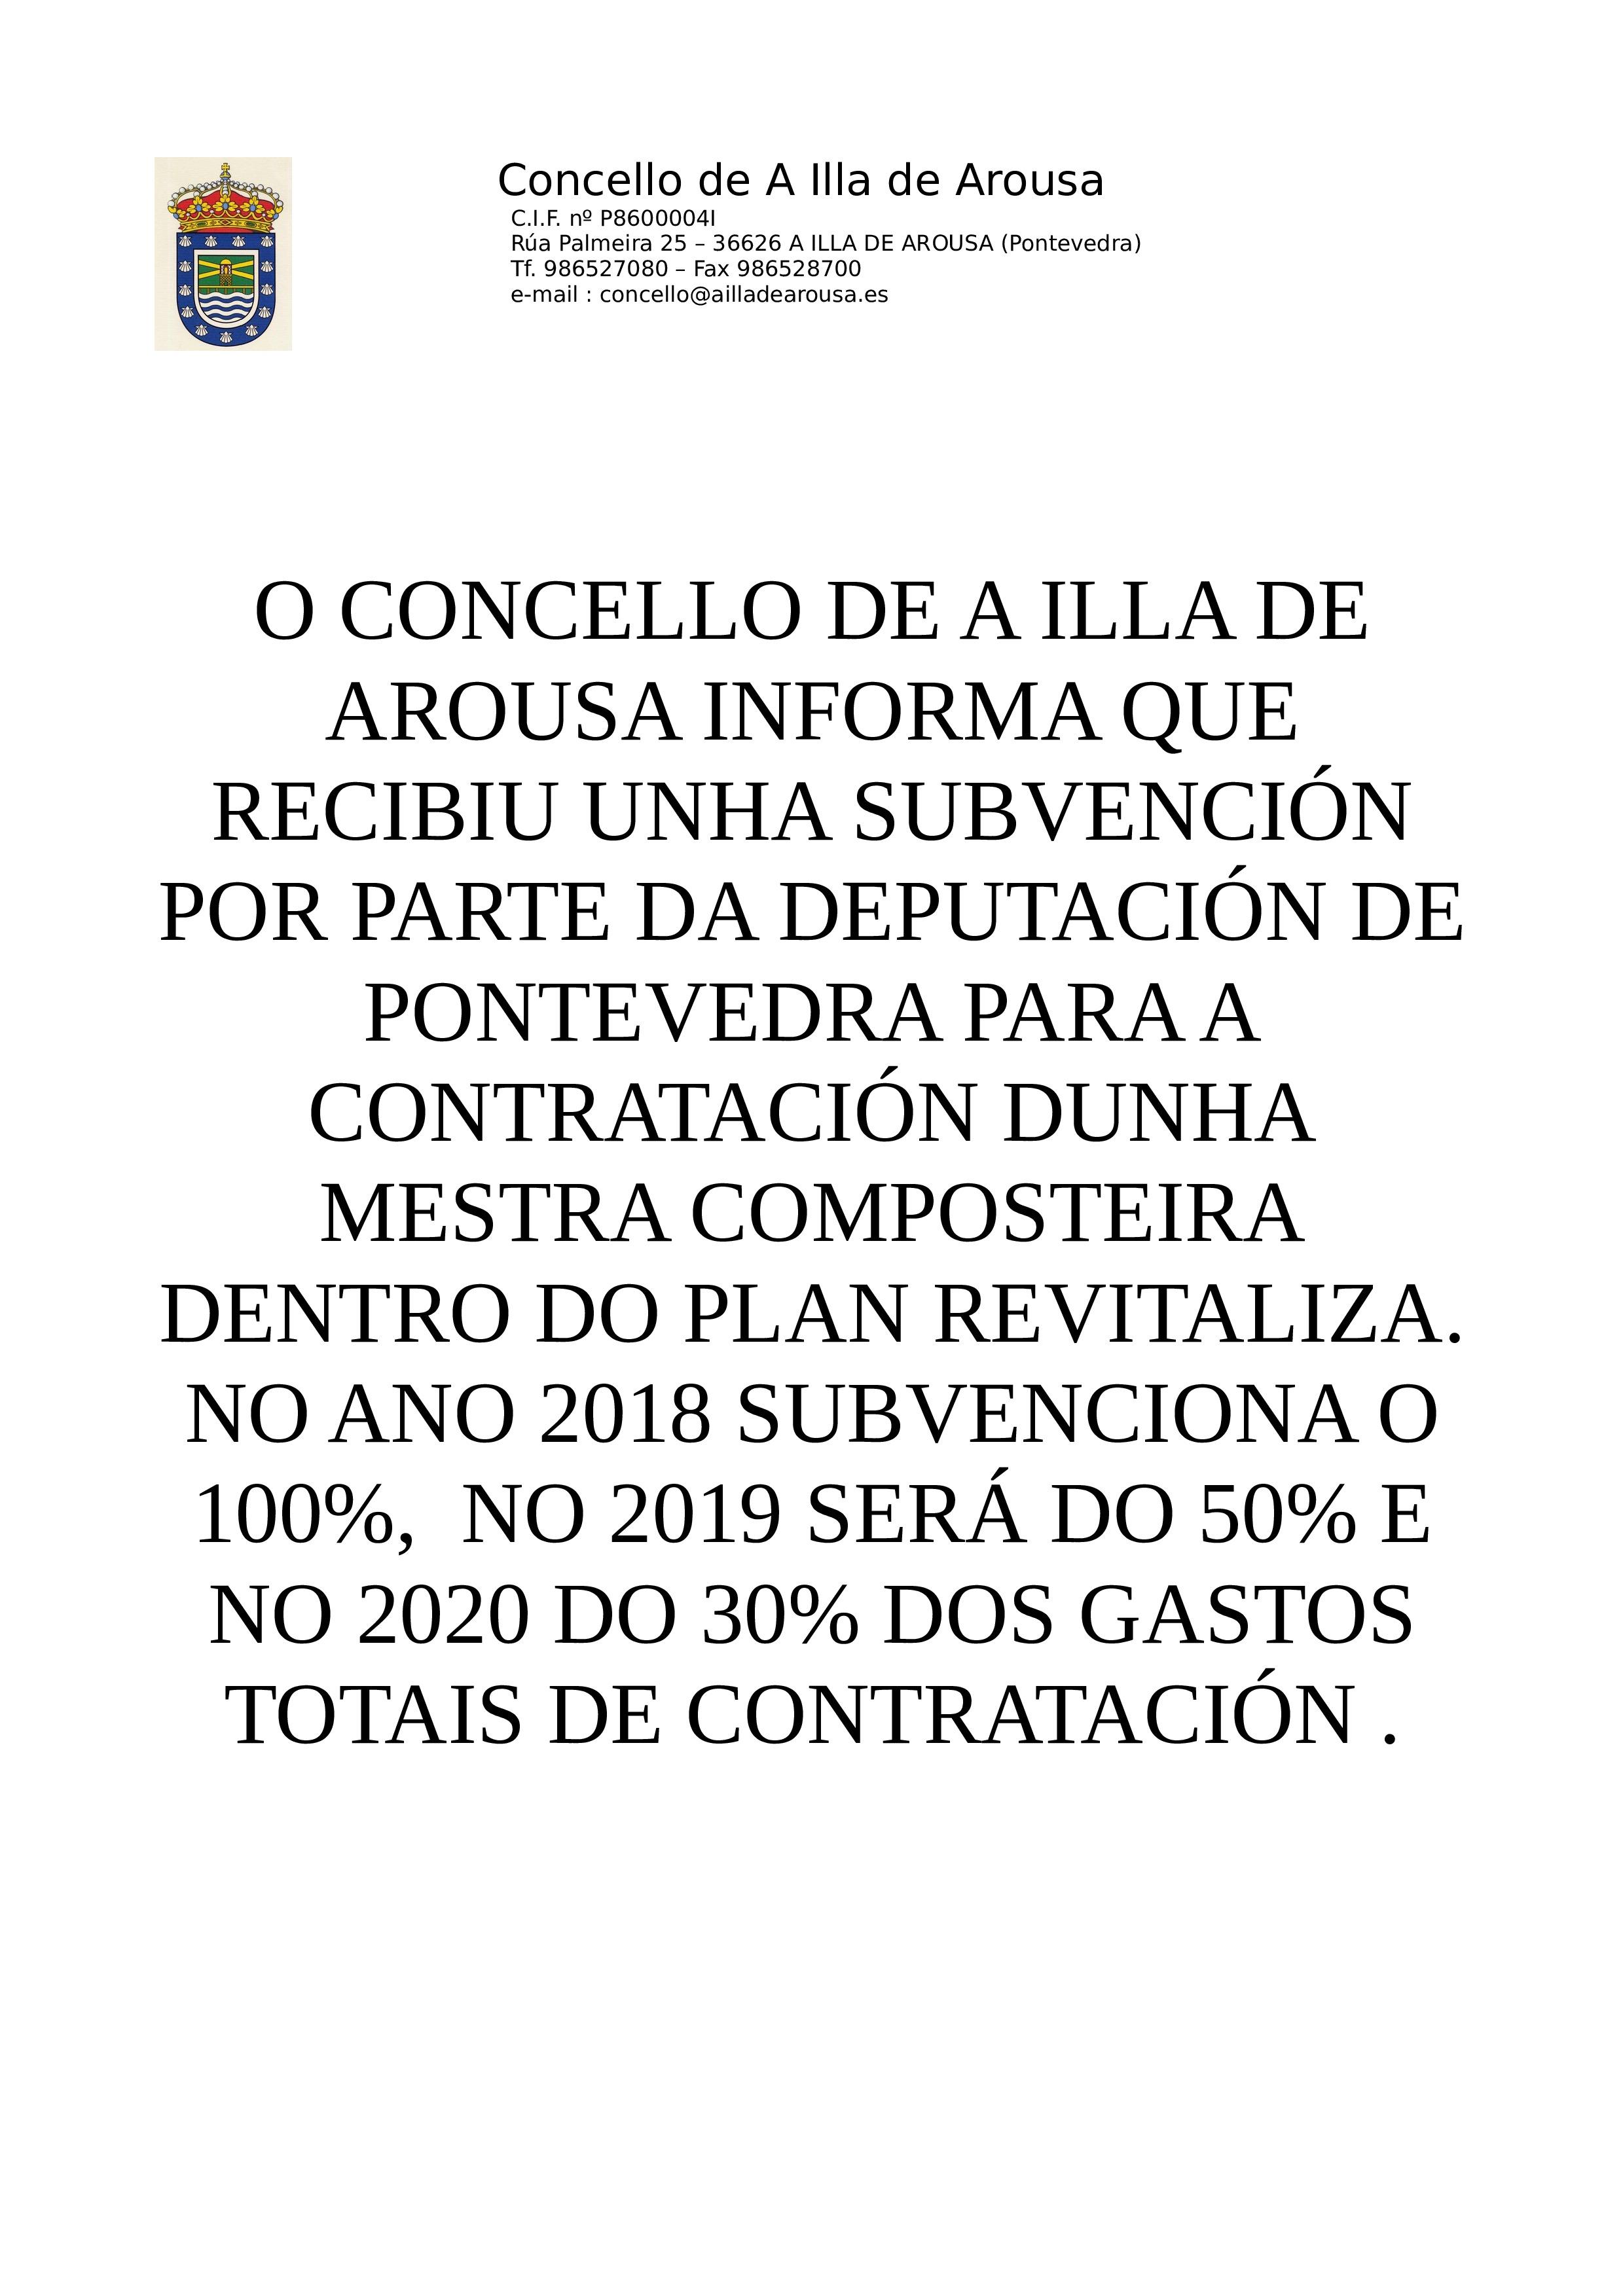 SUBVENCIÓN PARA A CONTRATATACIÓN DUNHA MESTRA COMPOSTEIRA